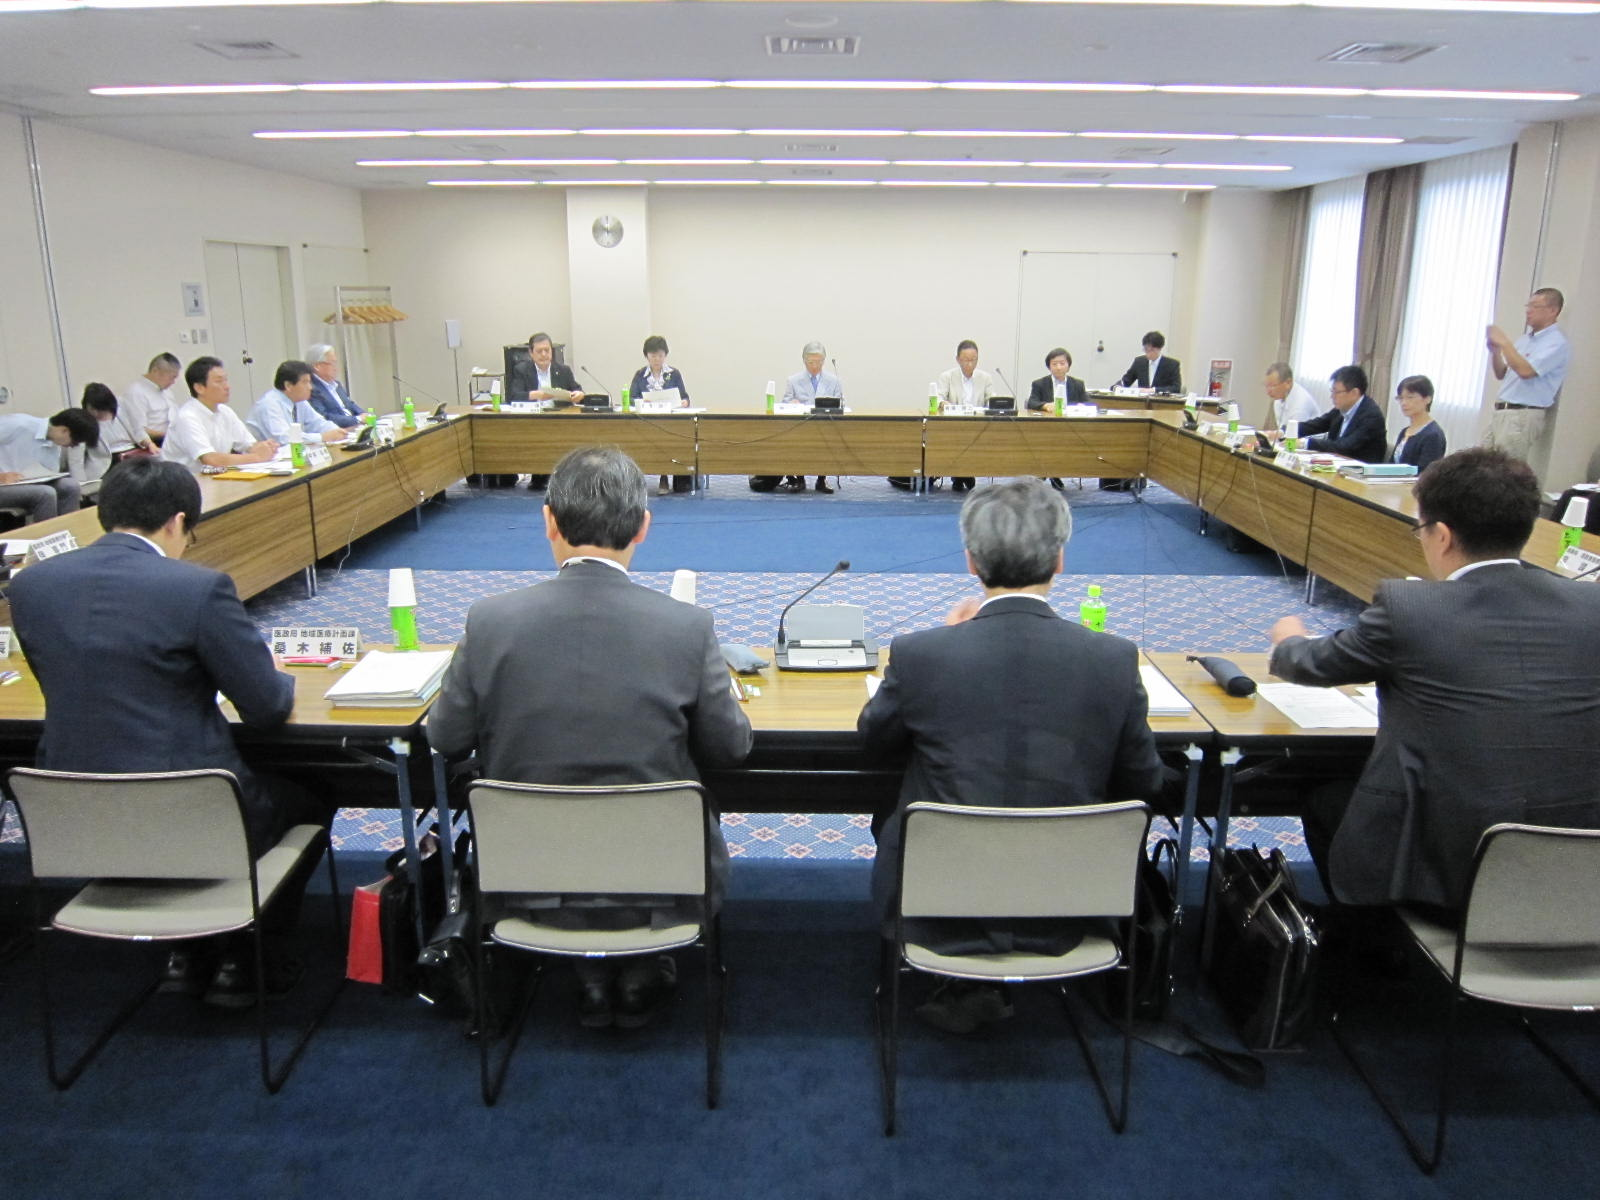 8月3日に開催された、「第1回 在宅医療及び医療・介護連携に関するワーキンググループ」(医療計画の見直し等に関する検討会の下部組織)